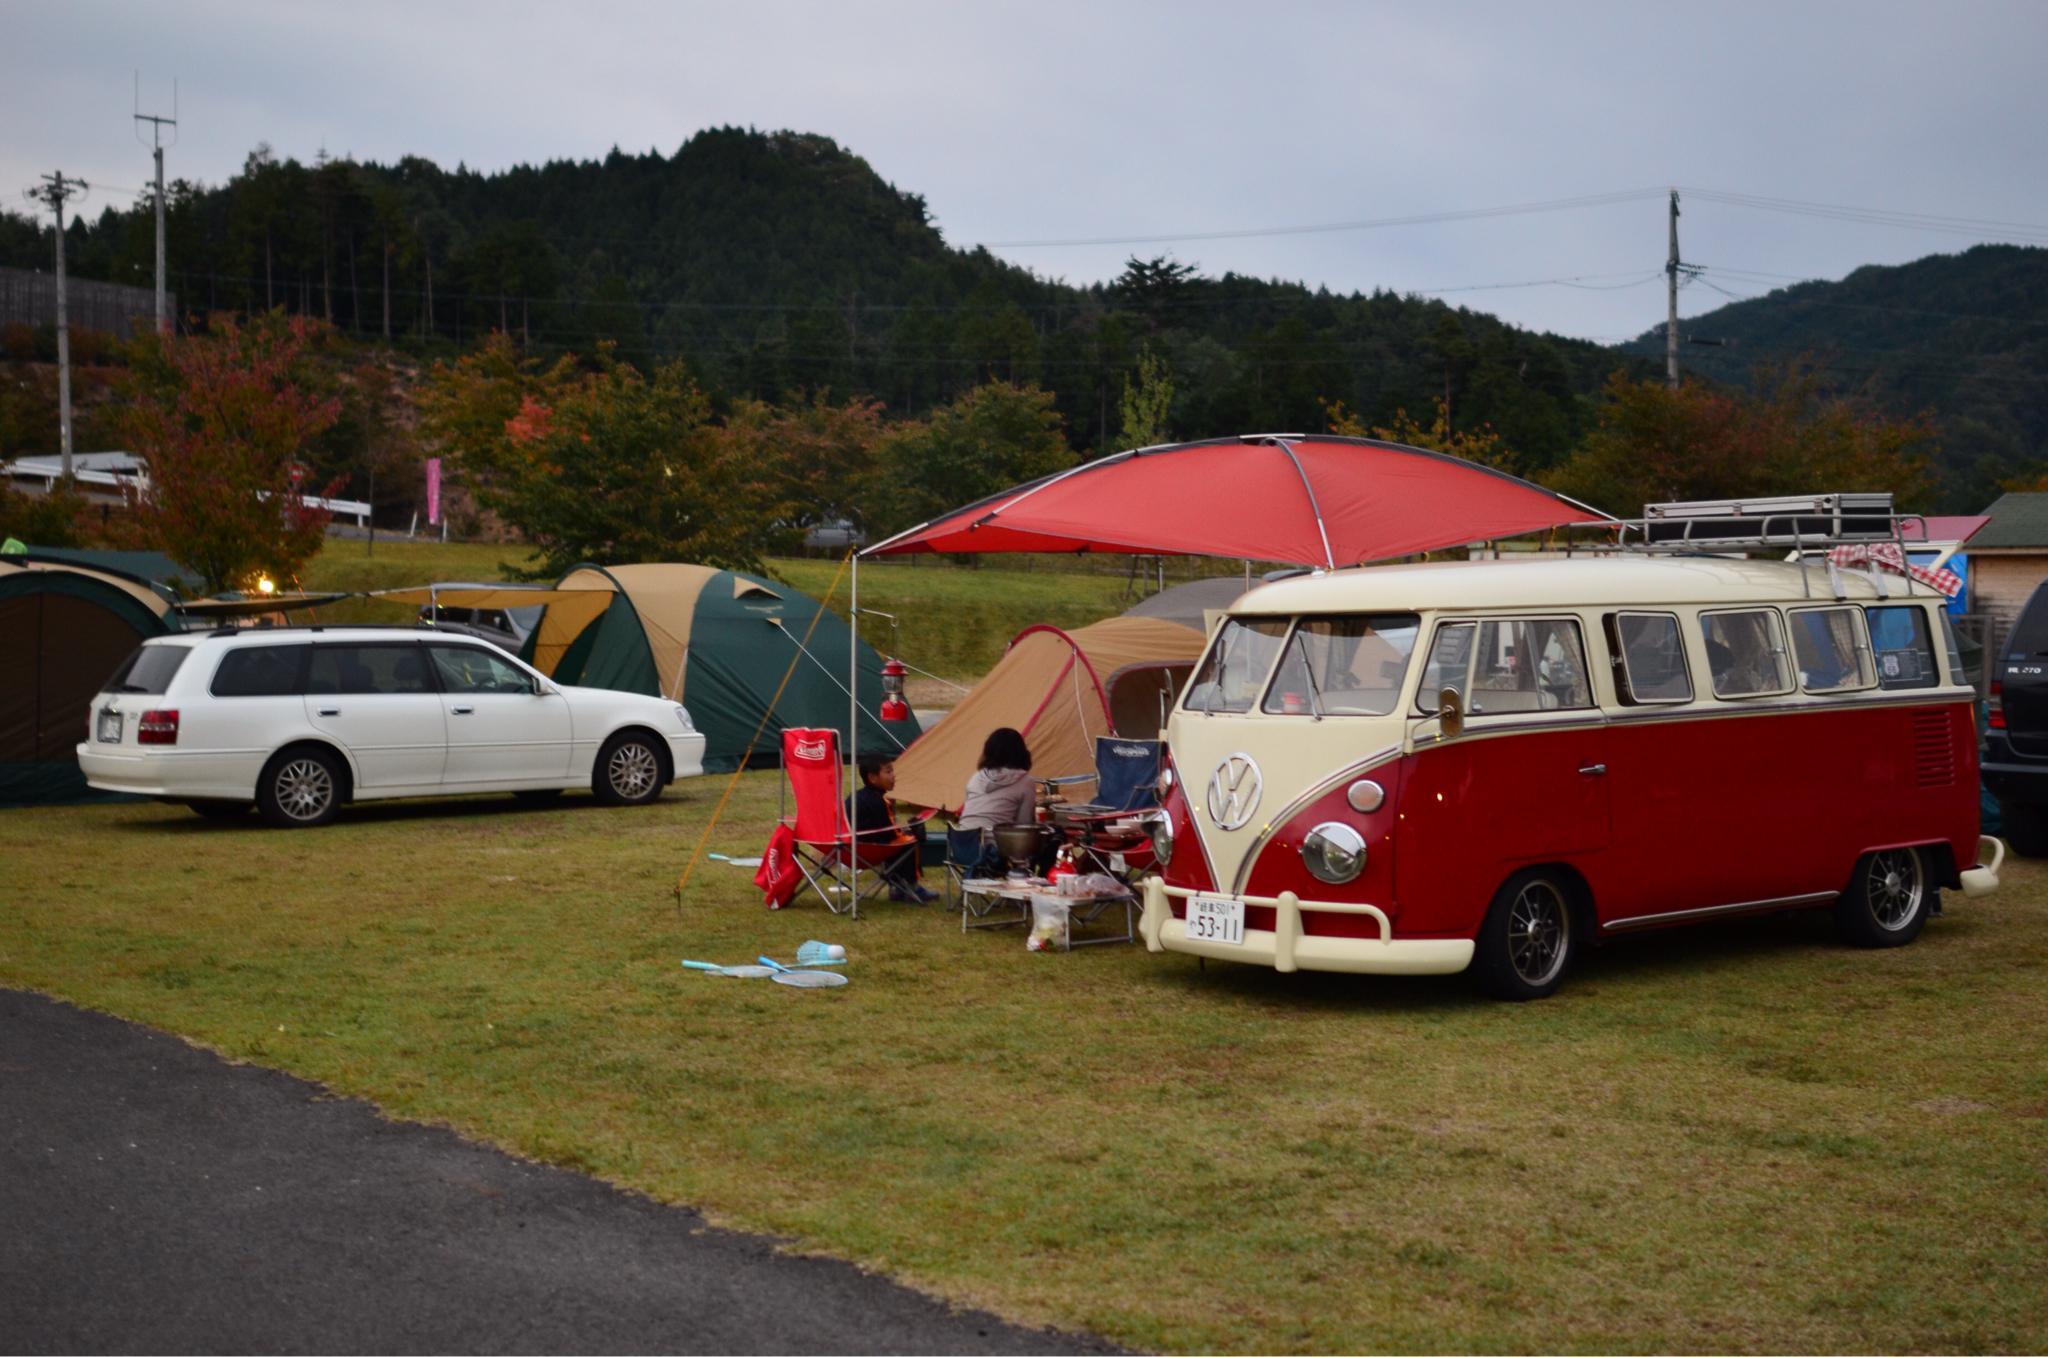 ナチュブロに出張所開設!キャンプ記事を同時投稿する。